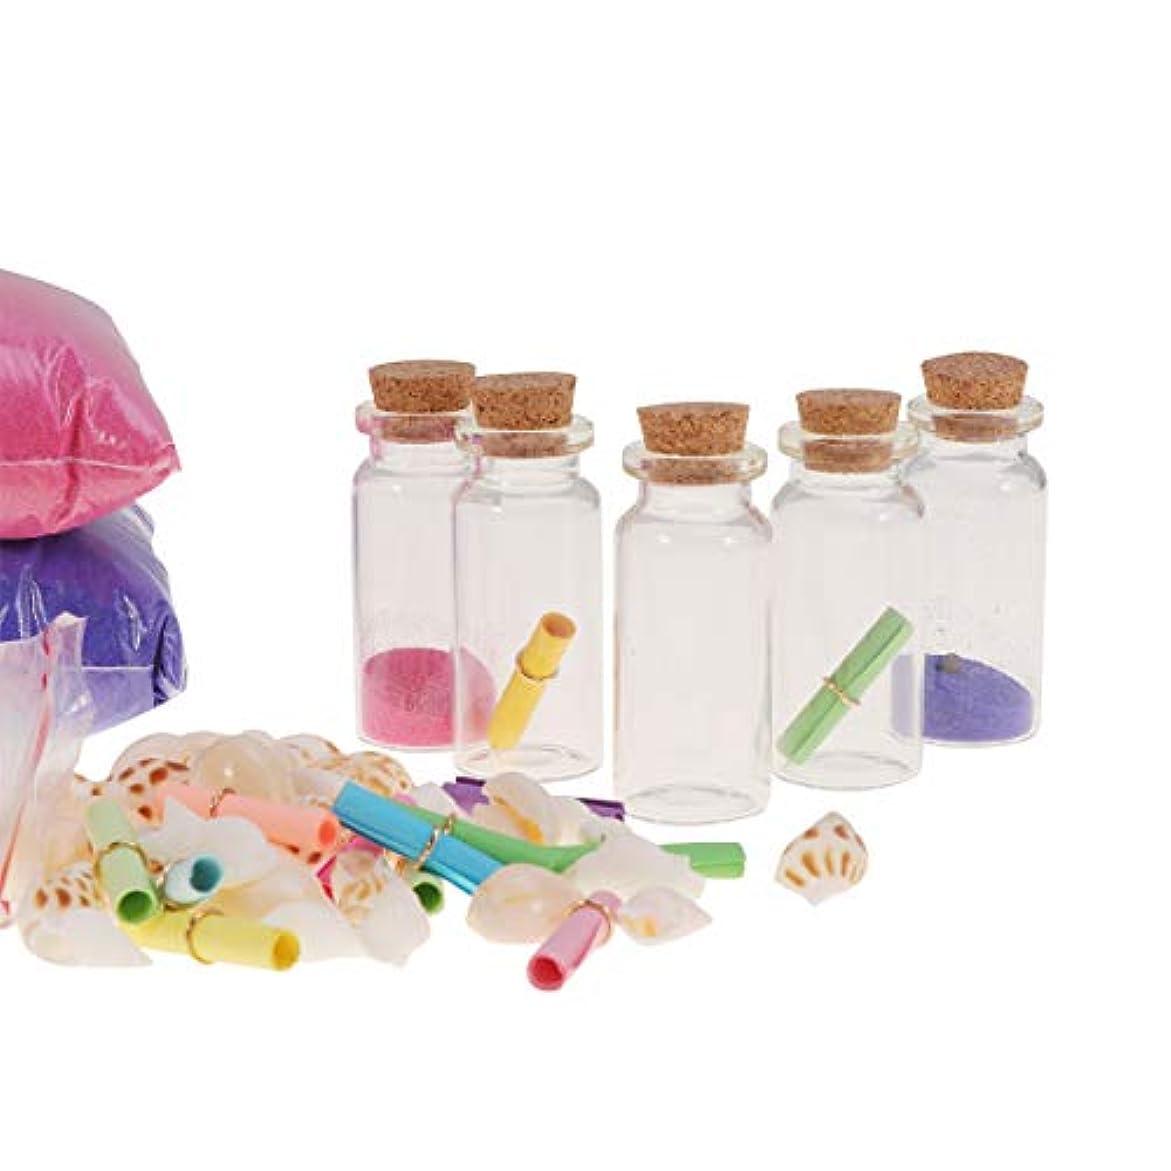 従順な痛いスタッフコルク栓で健康的なクリアミニガラス瓶diyウィッシュボトル巻き貝紙カラフルな砂メッセージ願いパーティーの好意92ピース